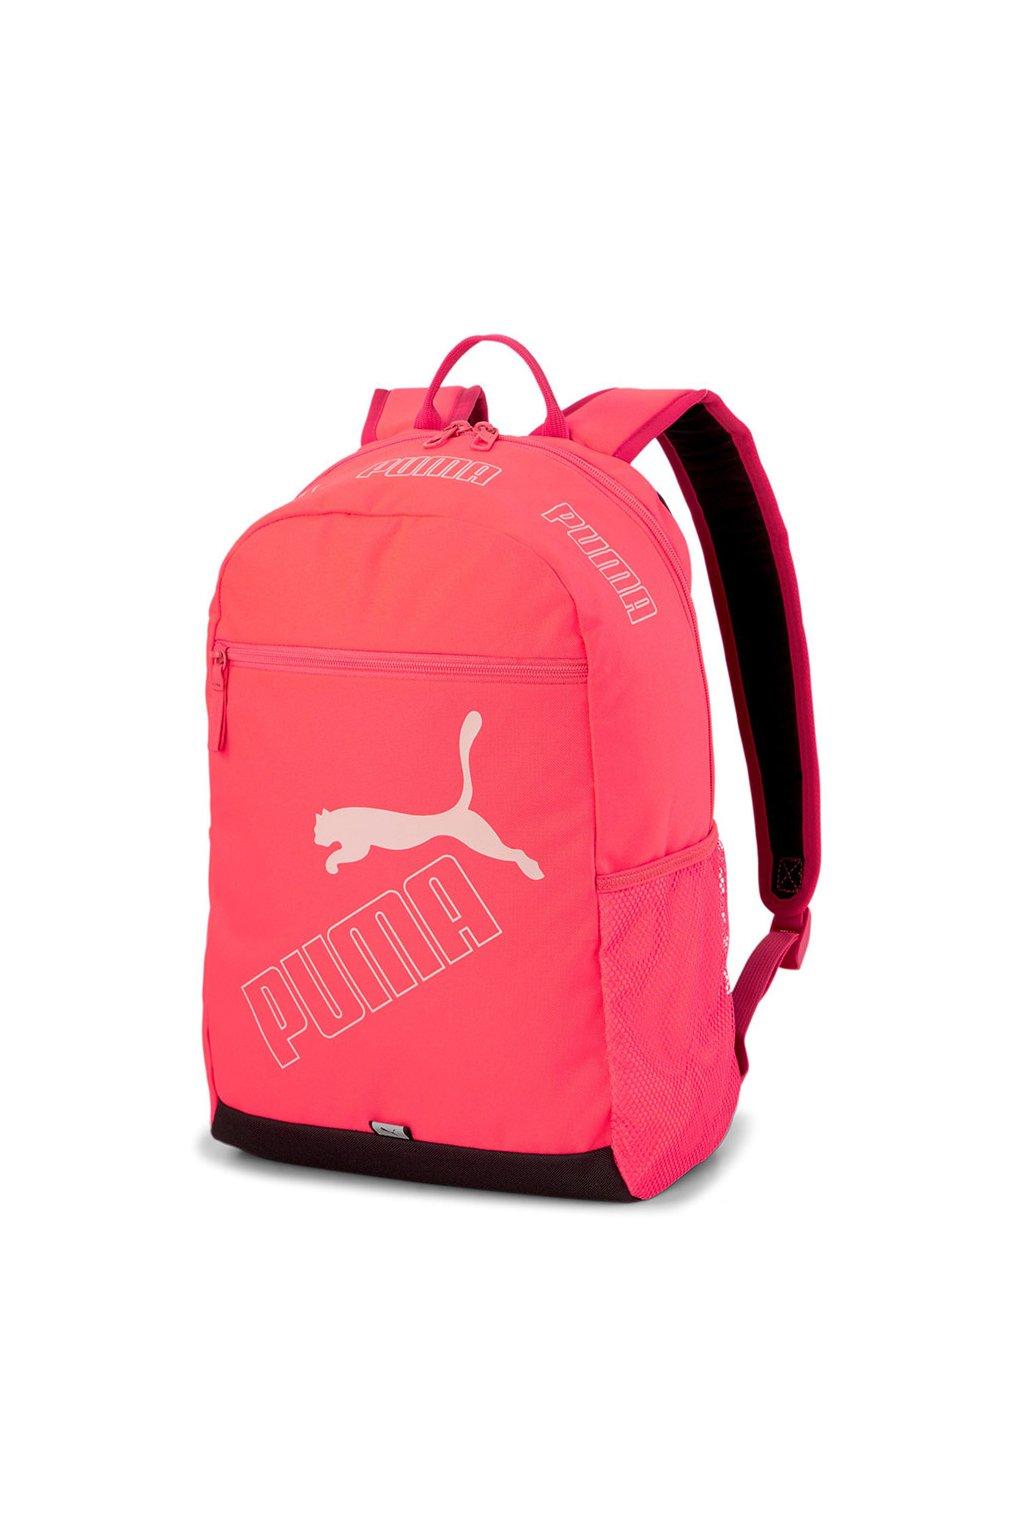 Batoh Puma Phase Backpack II 077295 12 ružový